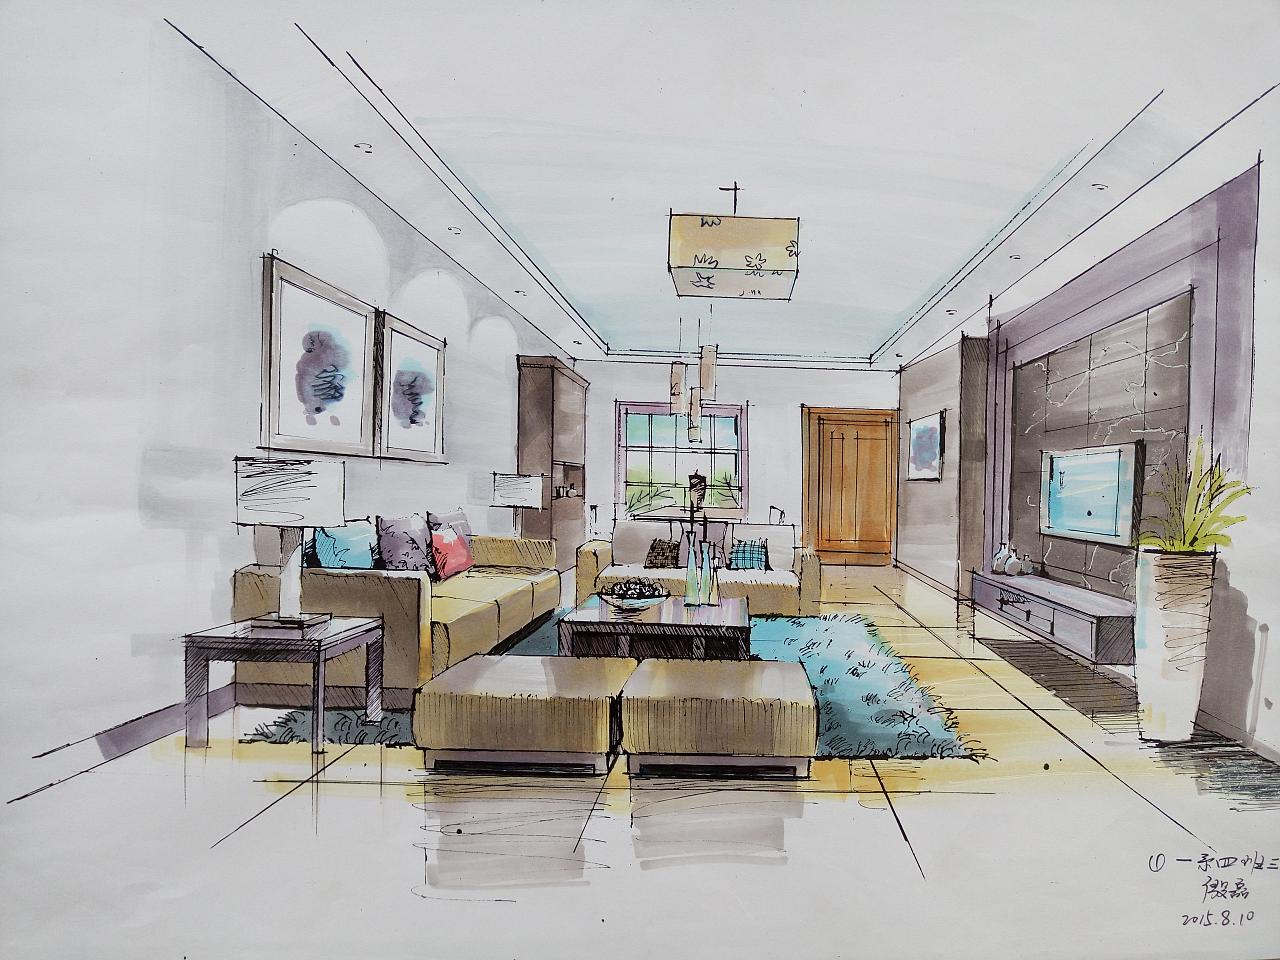 室内设计马克笔手绘|空间|室内设计|殷磊 - 原创作品